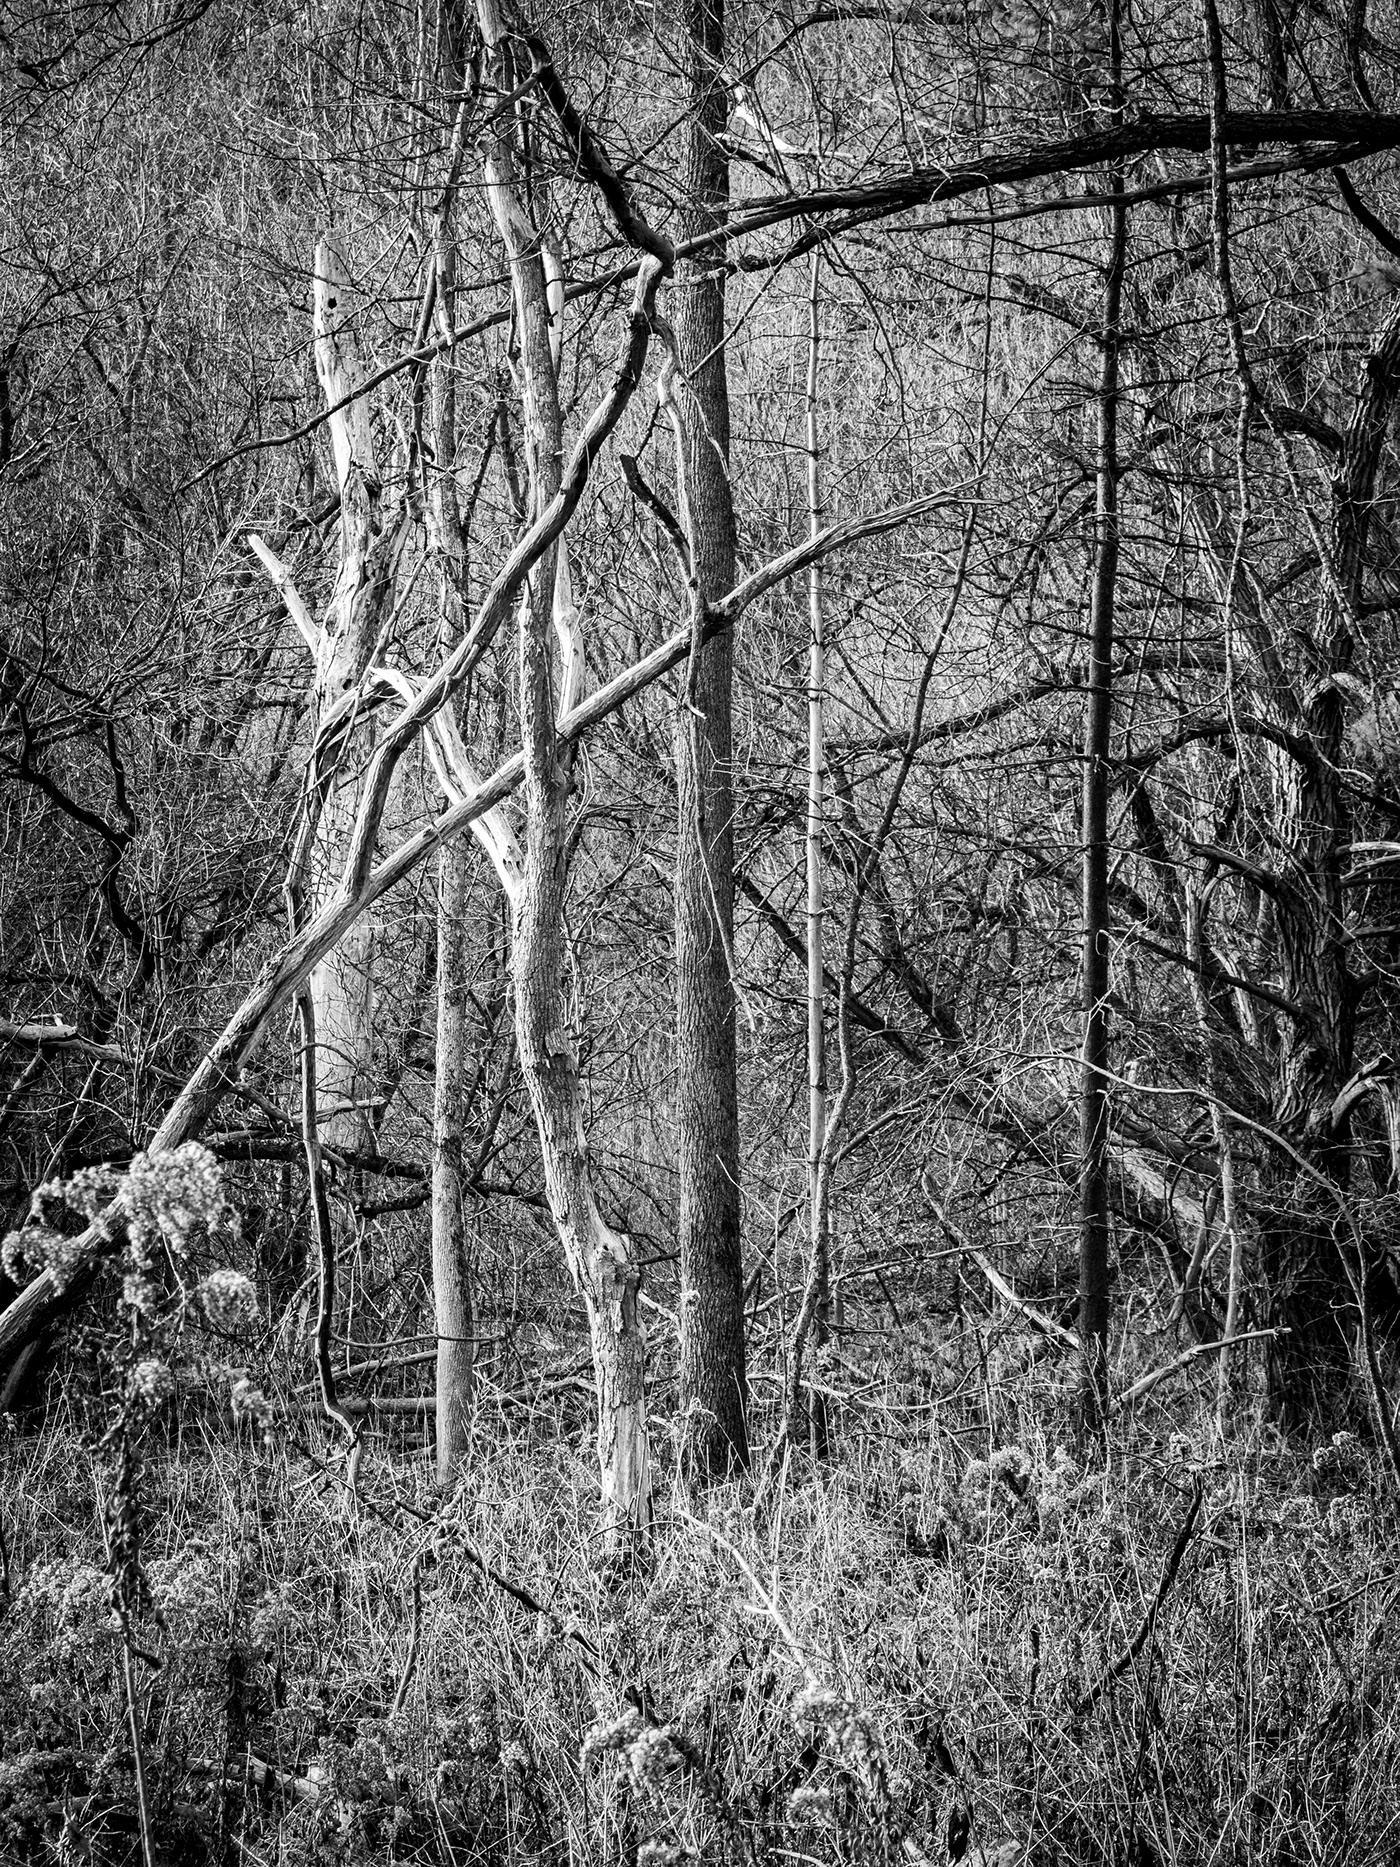 autumn forest Glen Rouge Park landscapes Nature photo walk